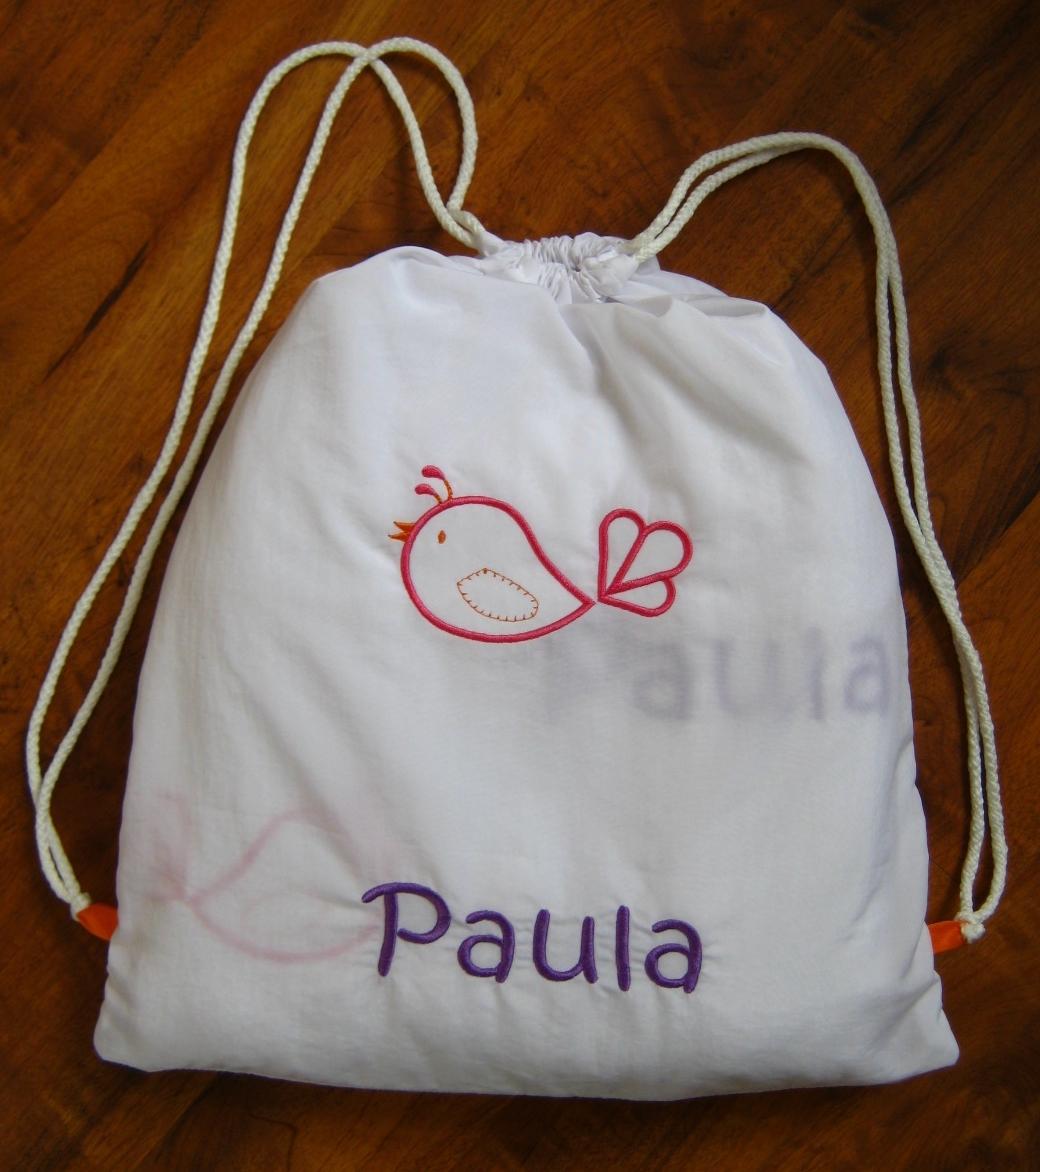 Handy mom mas ideas para regalos personalizados - Toallas infantiles personalizadas ...